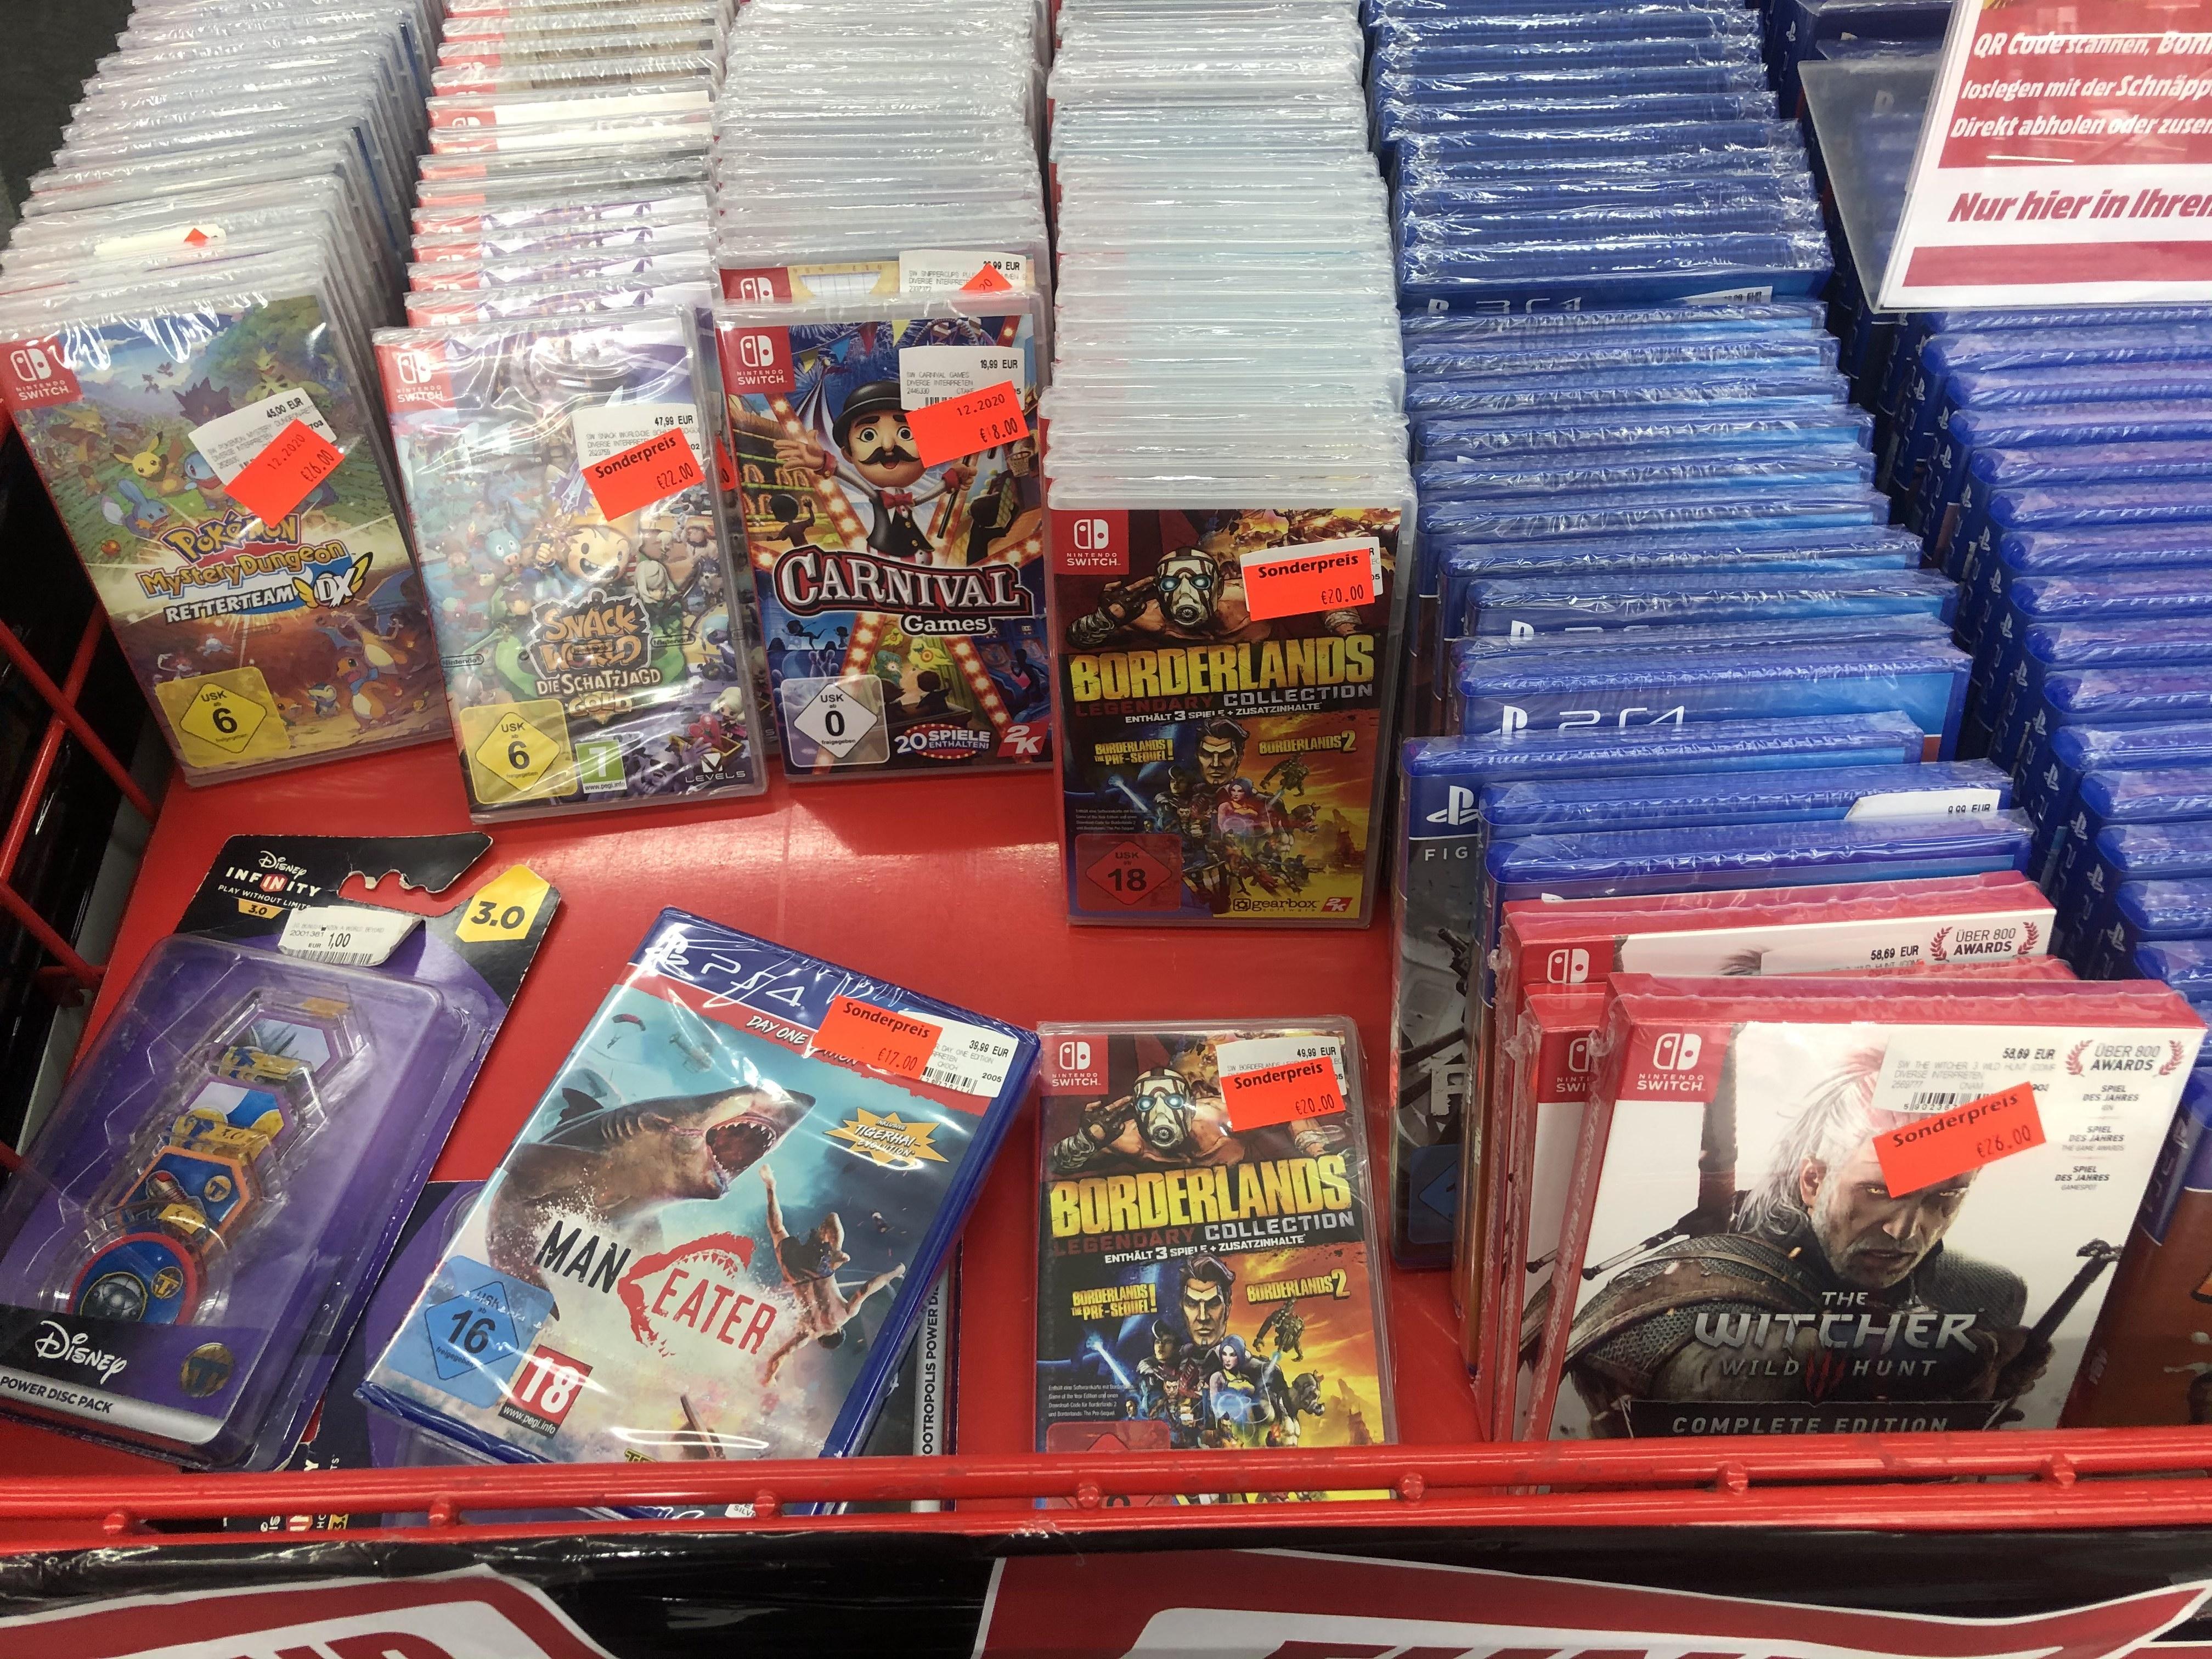 [LOKAL] Bonn Mediamarkt: Witcher 3 Switch, Pokemon Mystery Dungeon, Borderlands und Bioshock